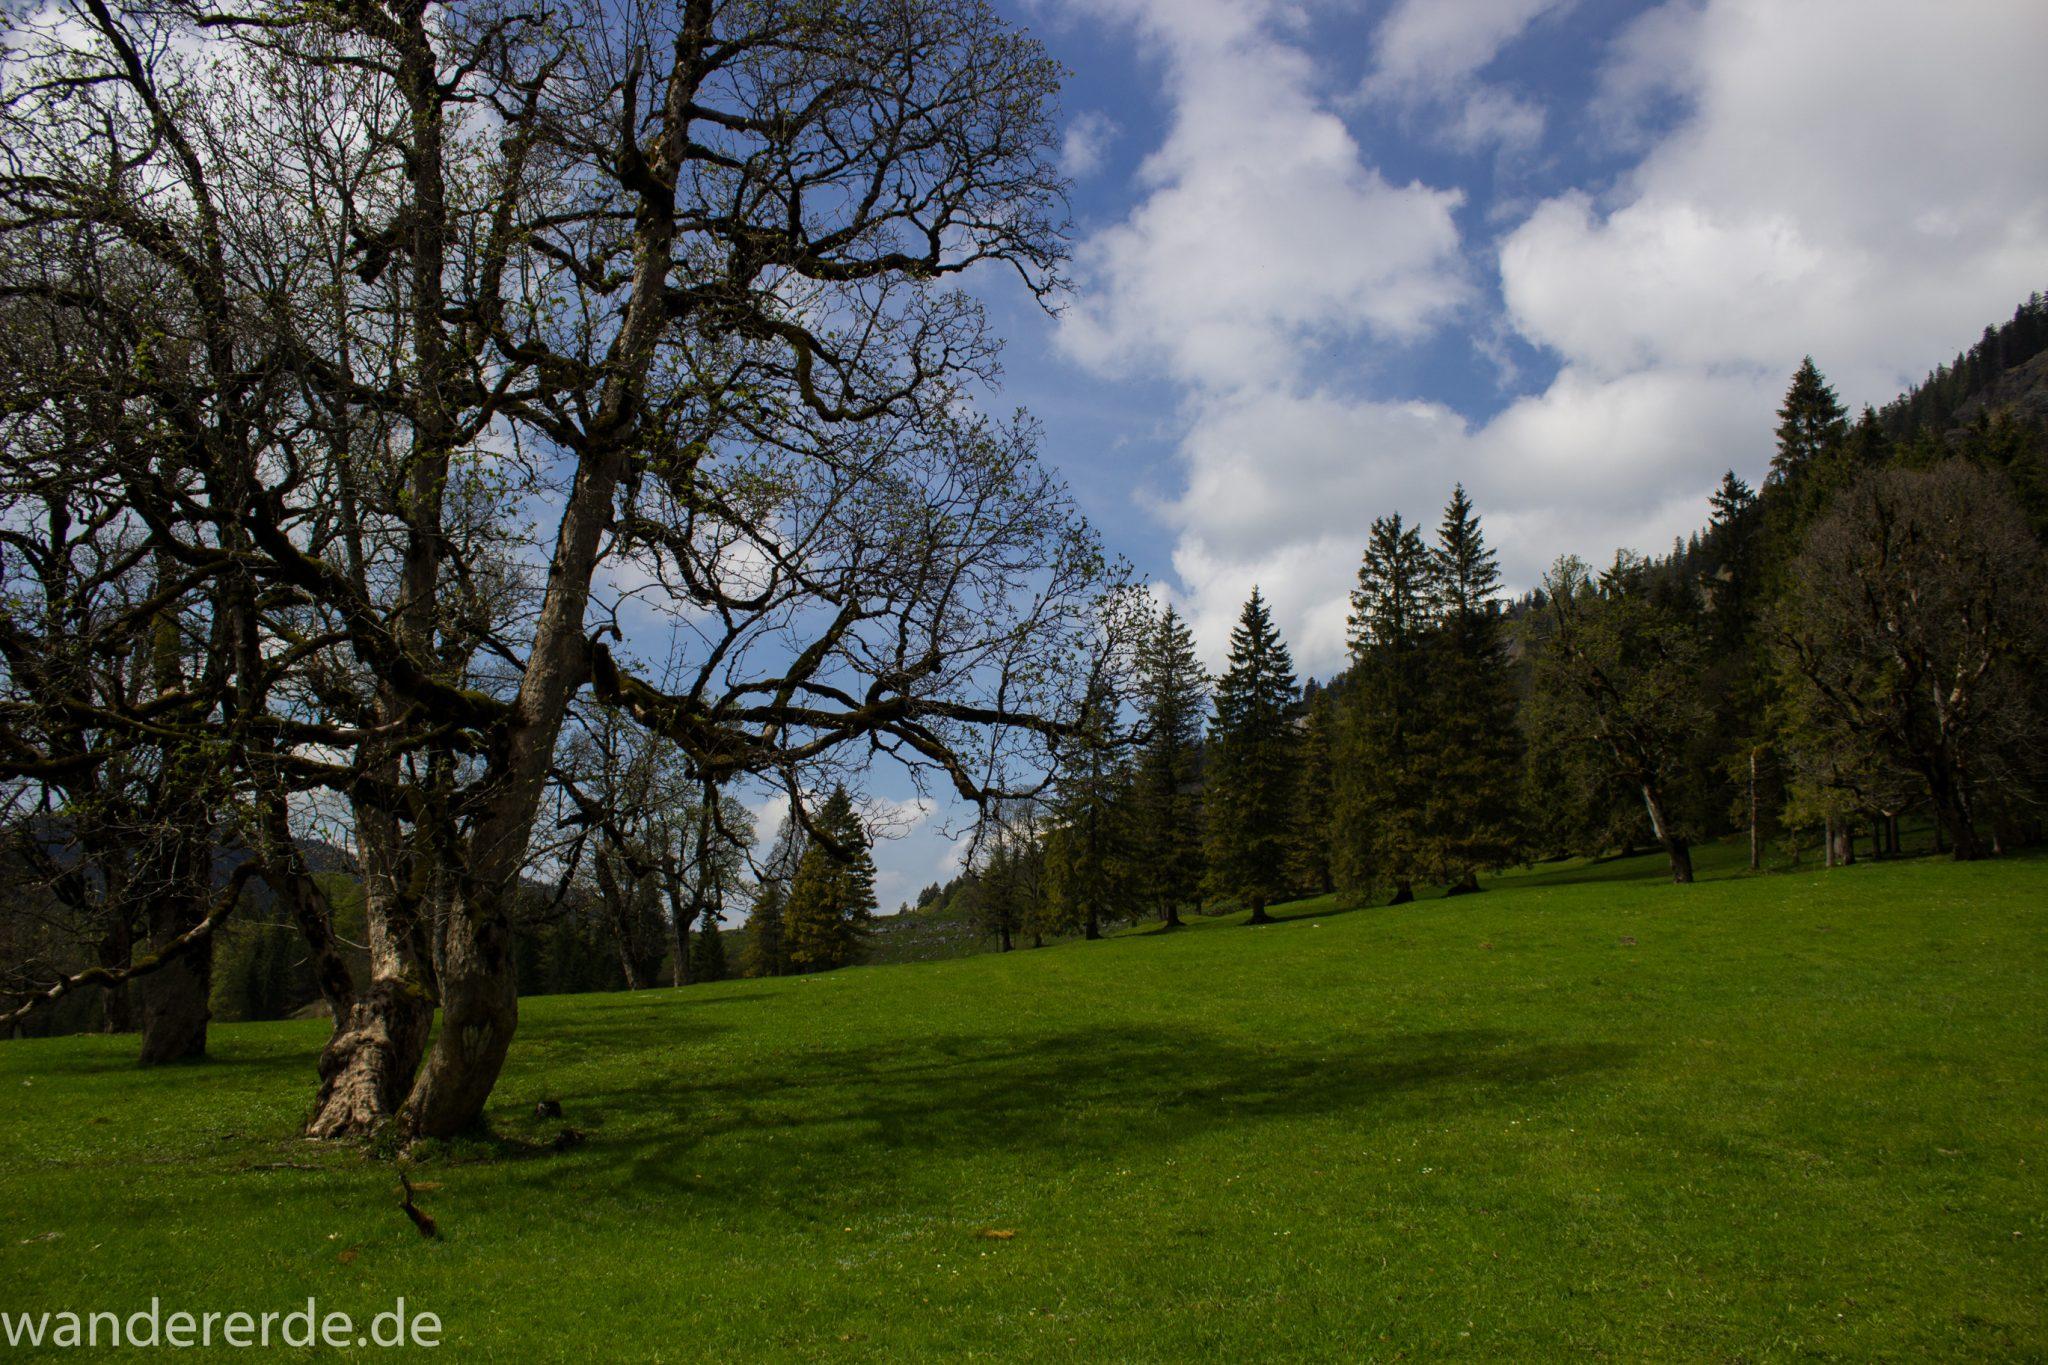 Wanderung zur Kenzenhütte in den Ammergauer Alpen, in den Bergen im Frühjahr, Ammergauer Alpen in Bayern, dichter grüner Wald am Berghang und saftige Wiesen